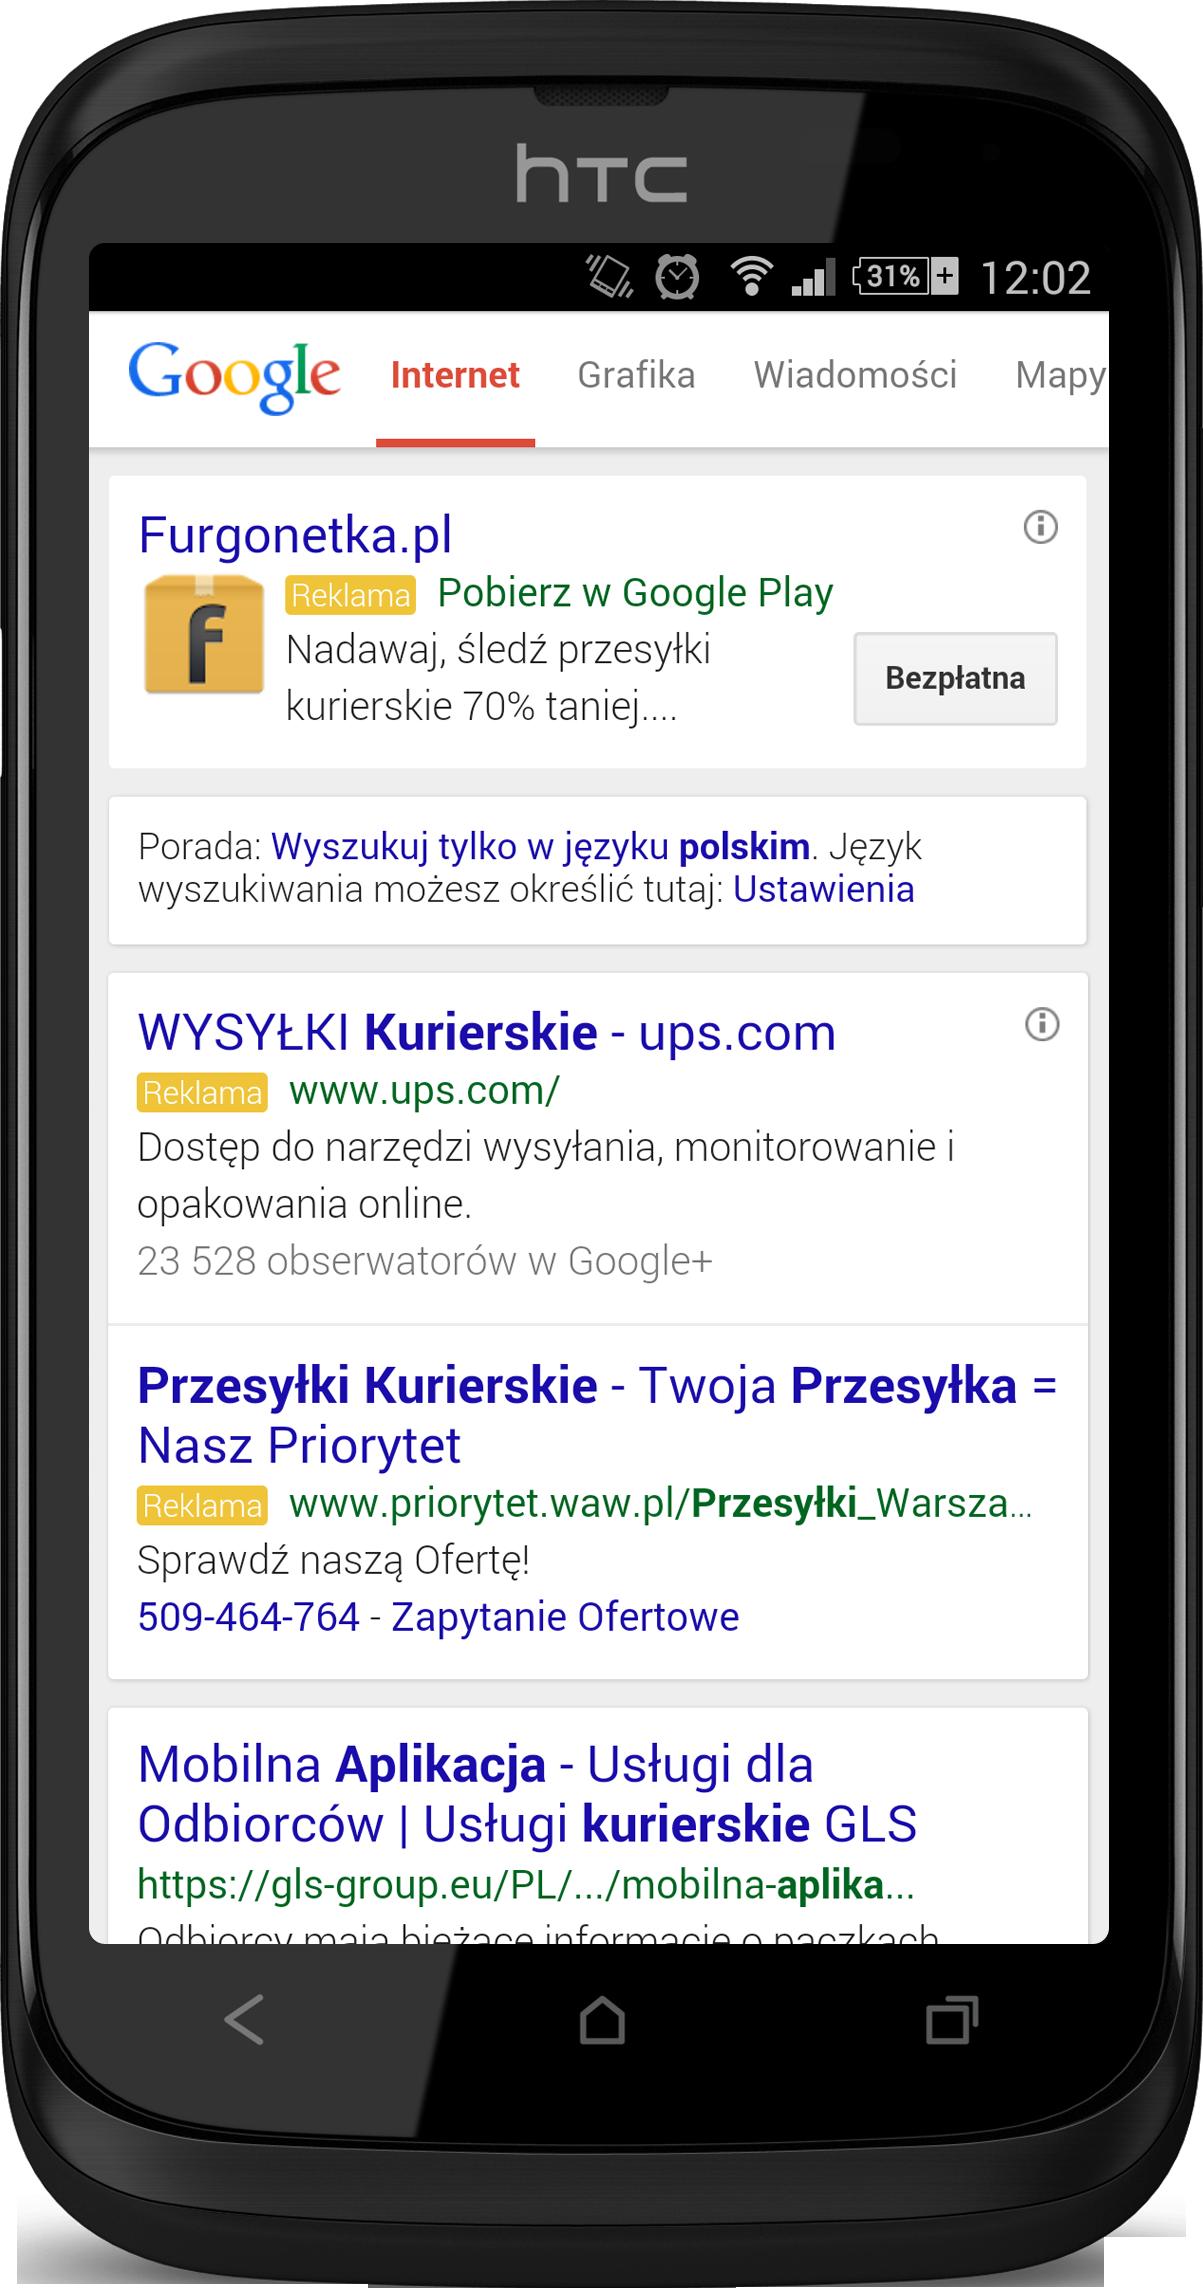 Reklama aplikacji mobilnej w Google wyszukiwarka